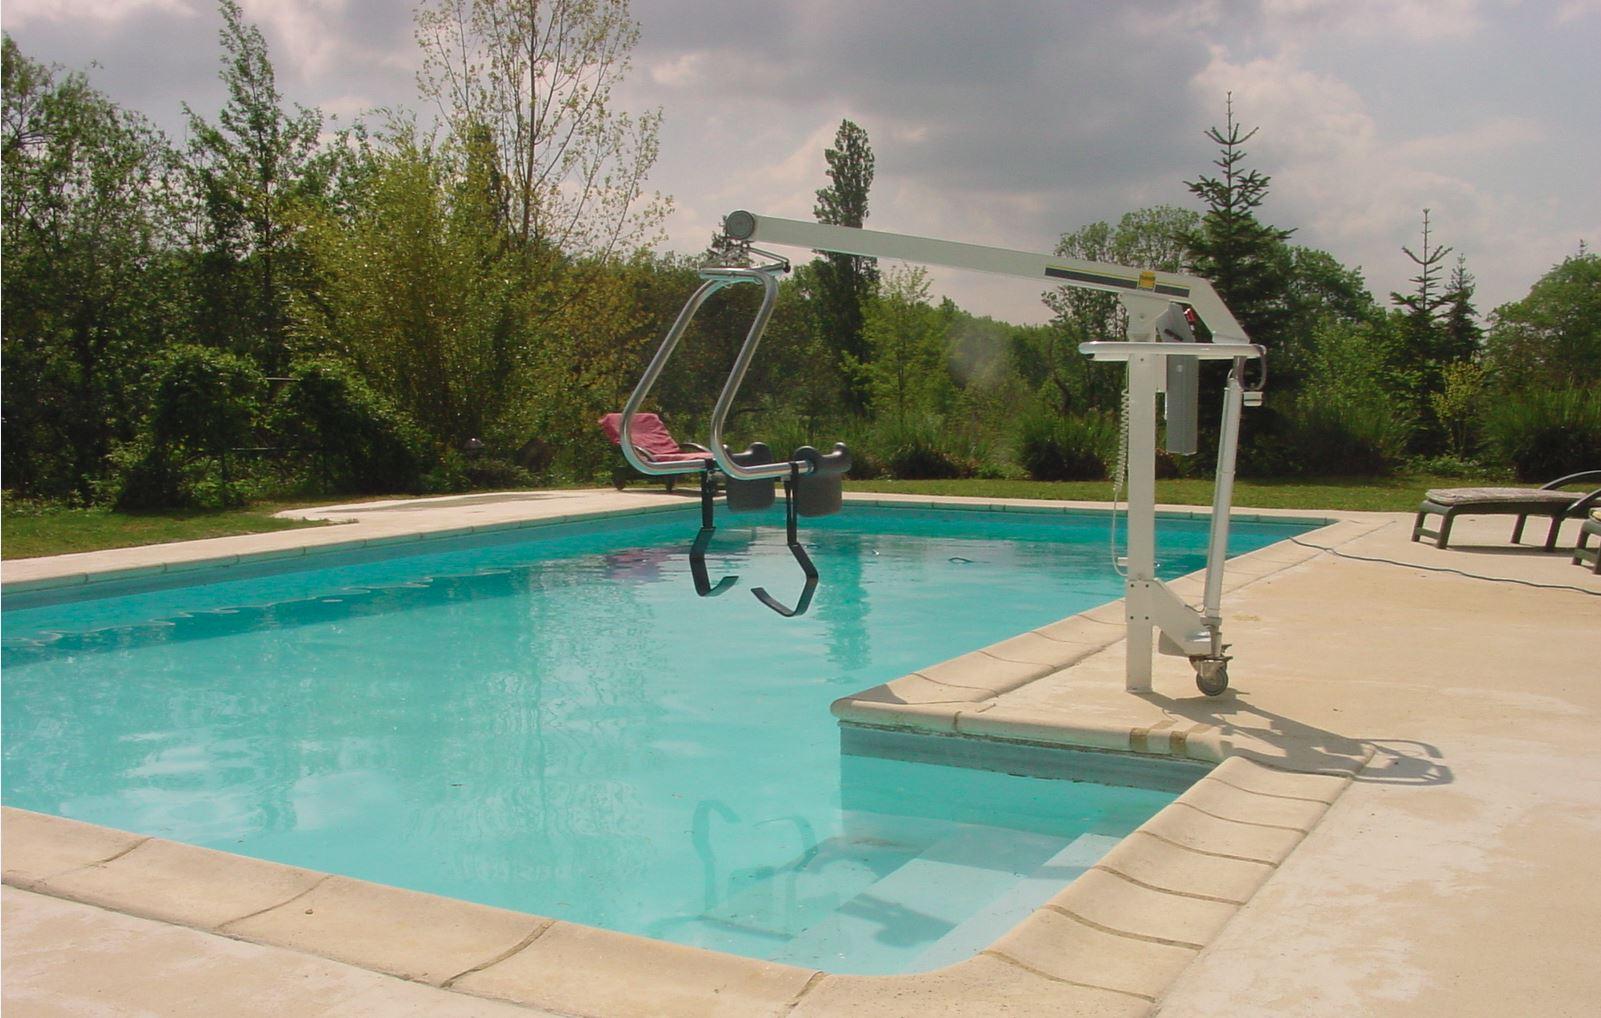 Ferienhaus – Schwimmbadlifter Rollis